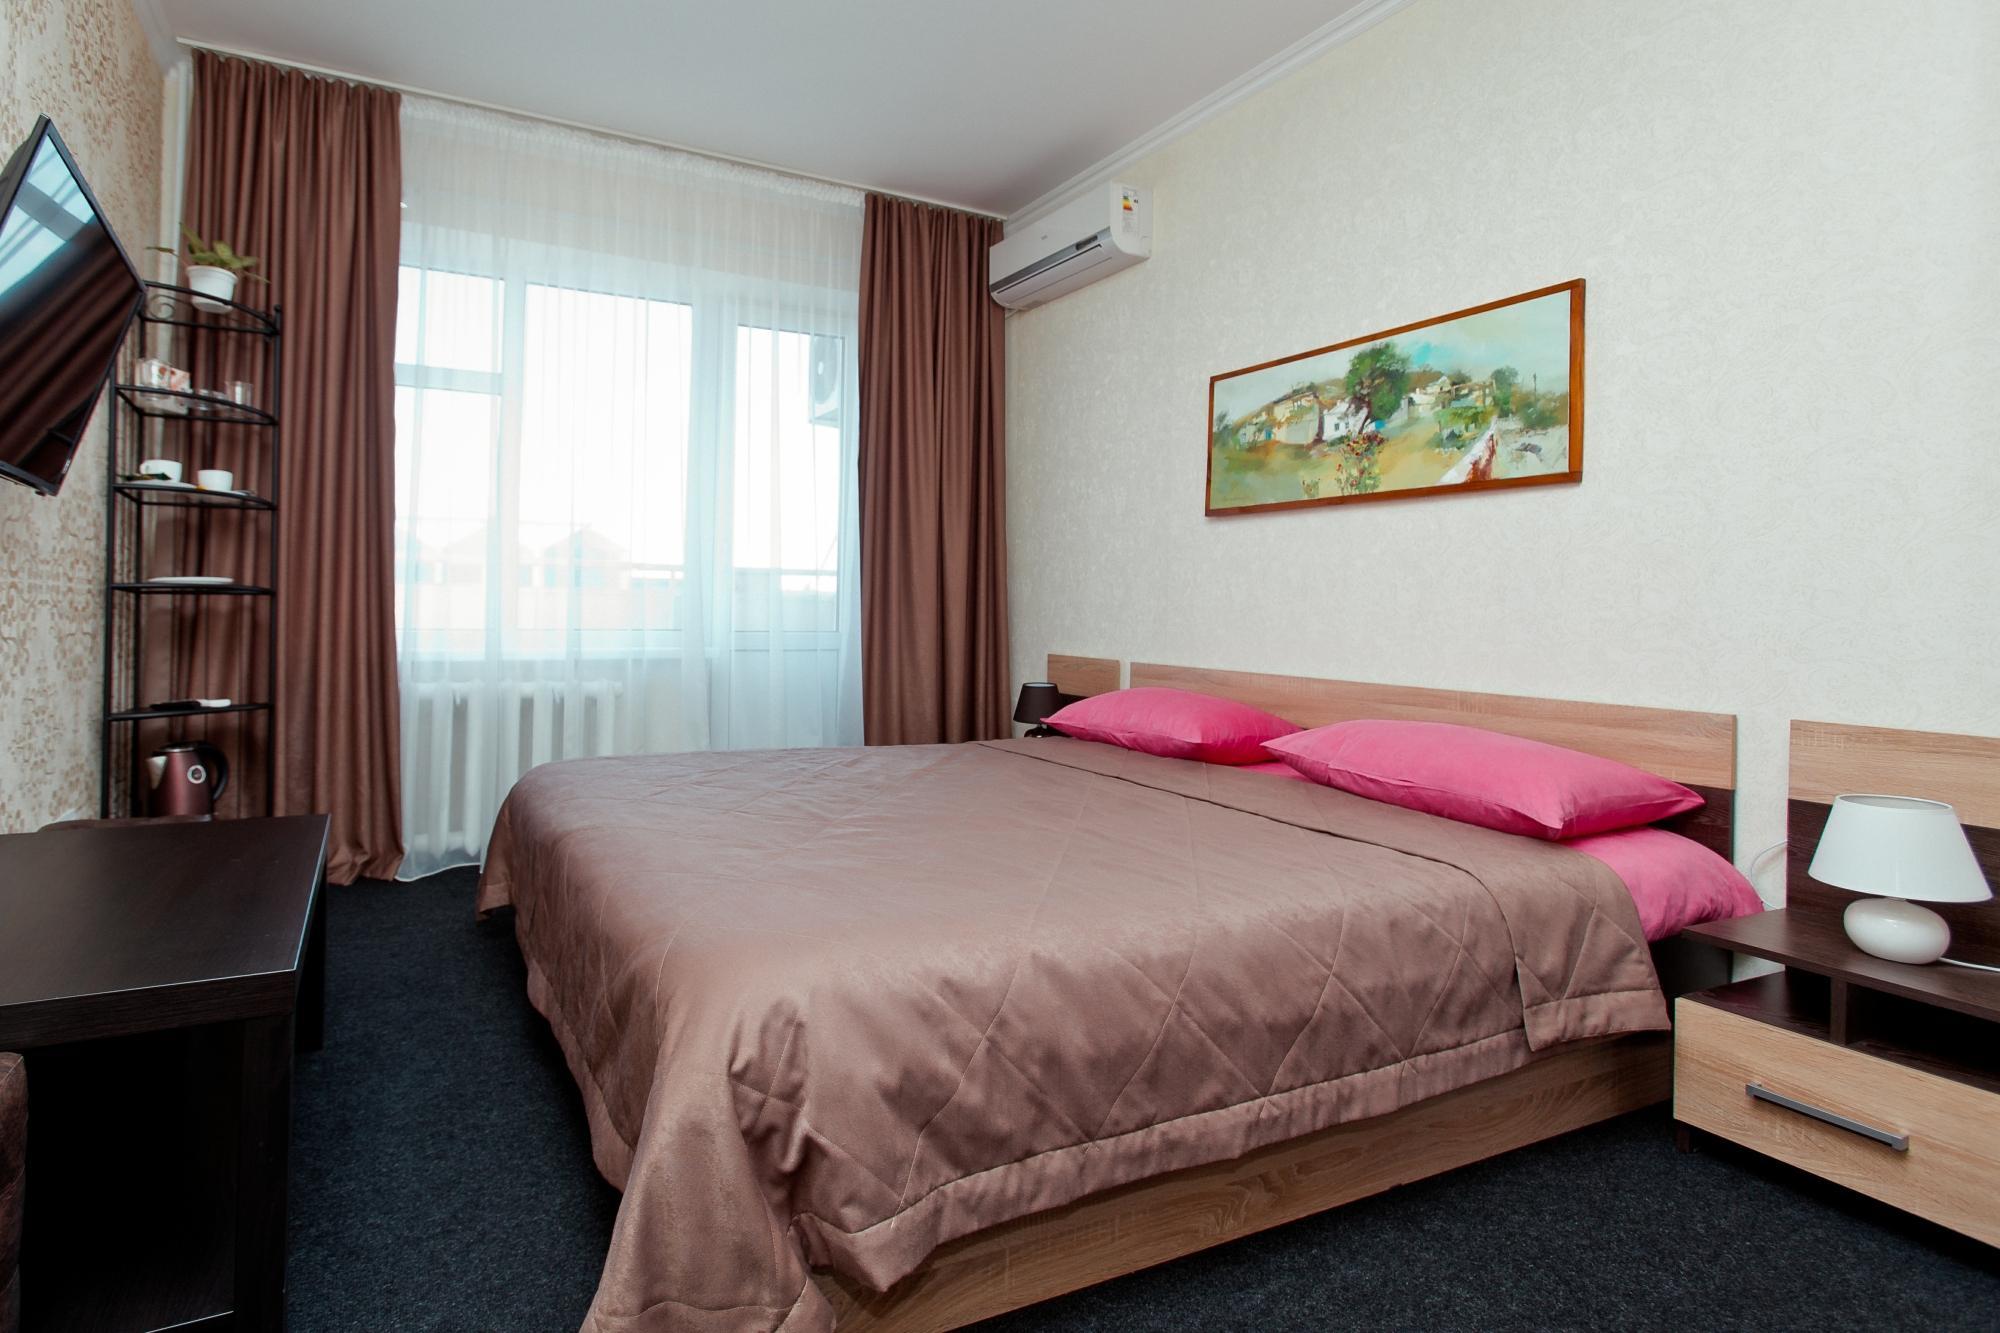 Отель меридиан крым фото описание